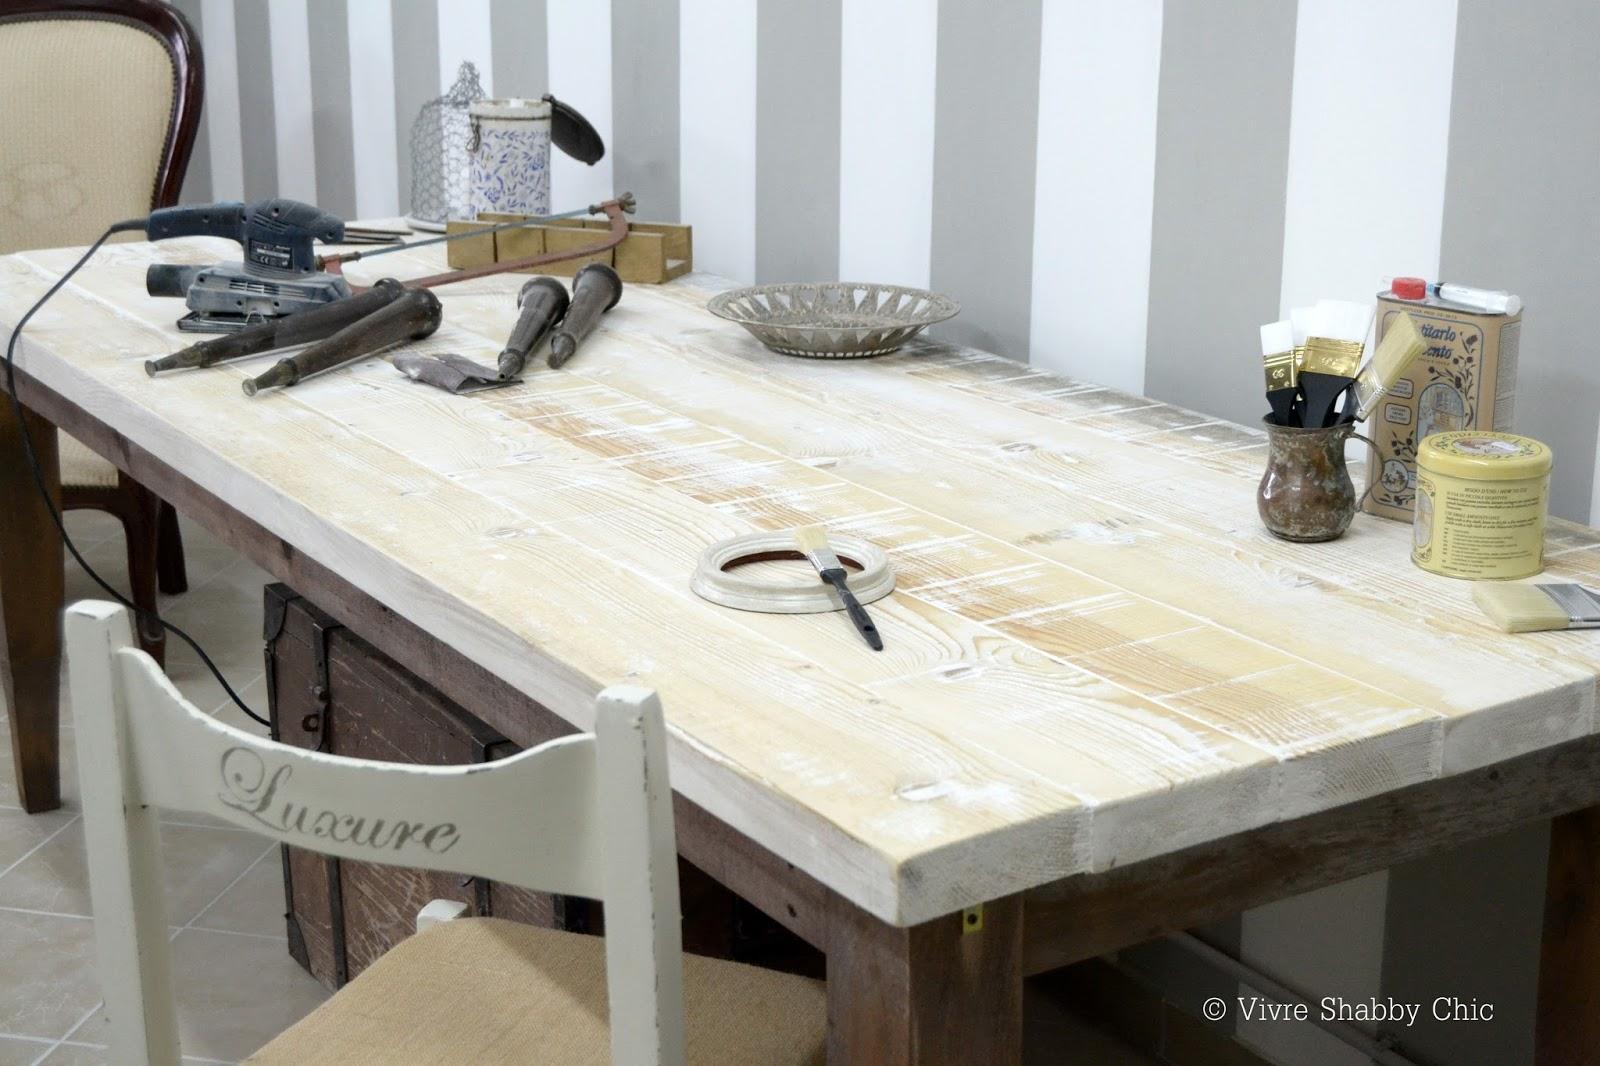 Vivre shabby chic un tavolo per il mio laboratorio - Tavolo shabby chic ...